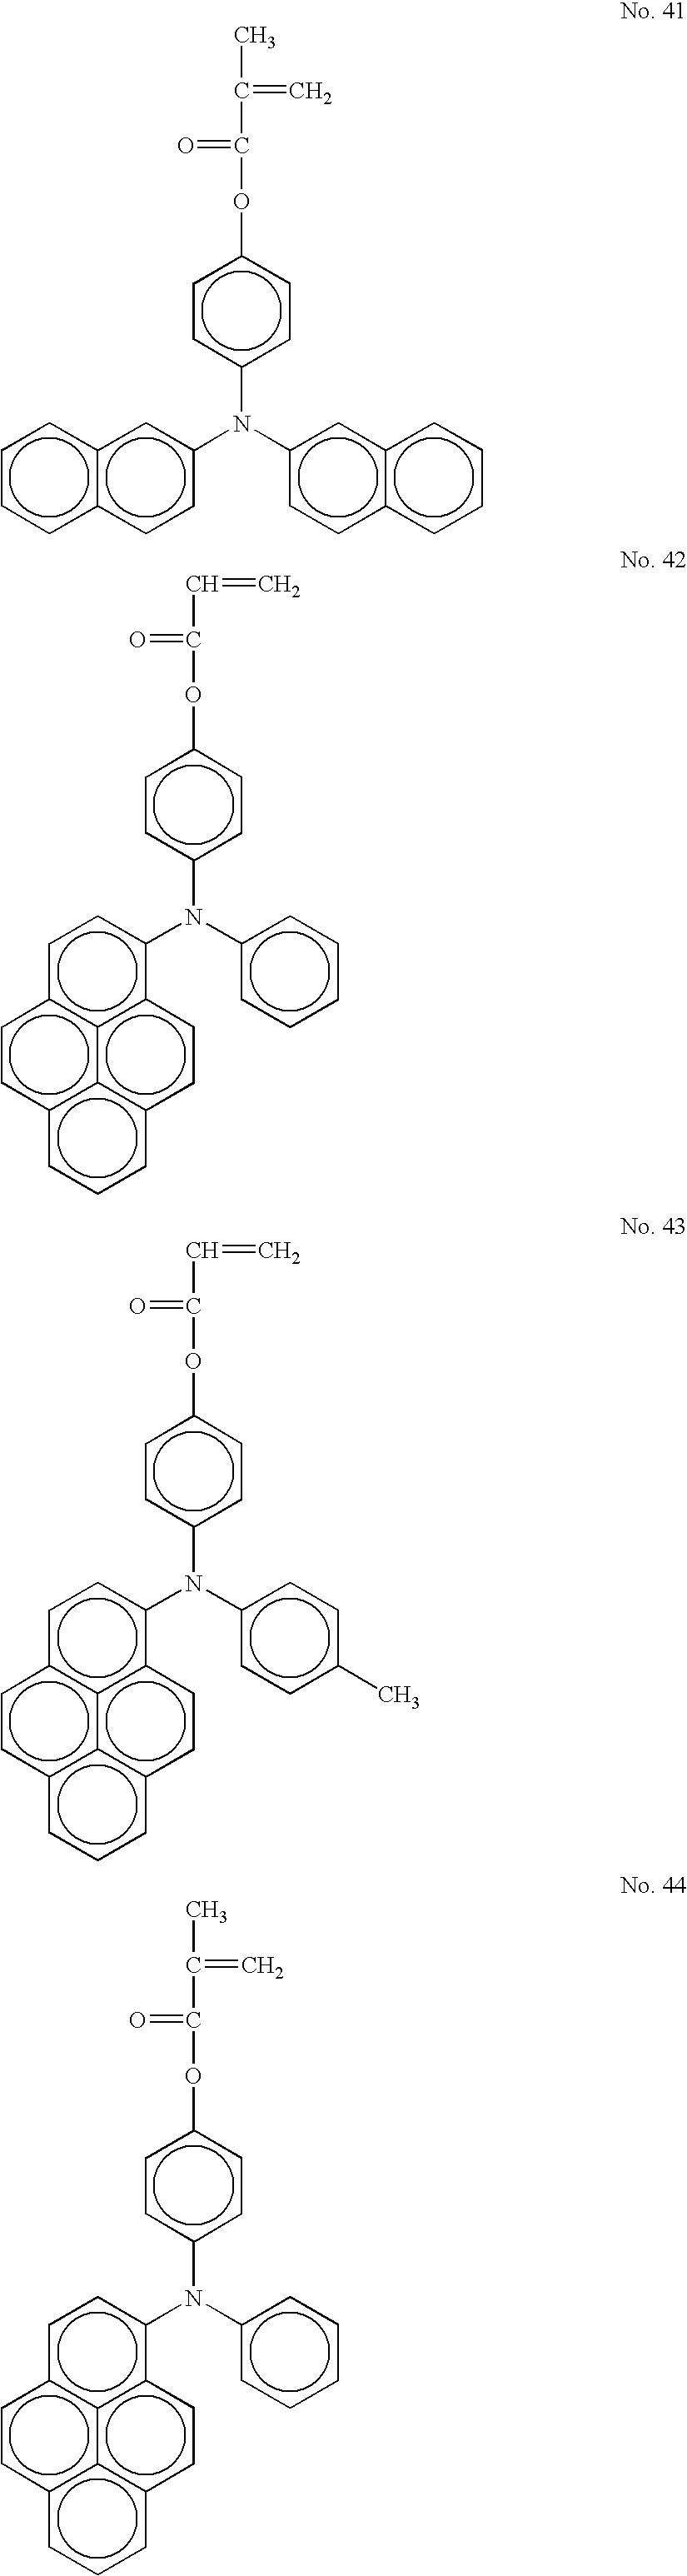 Figure US20050175911A1-20050811-C00016